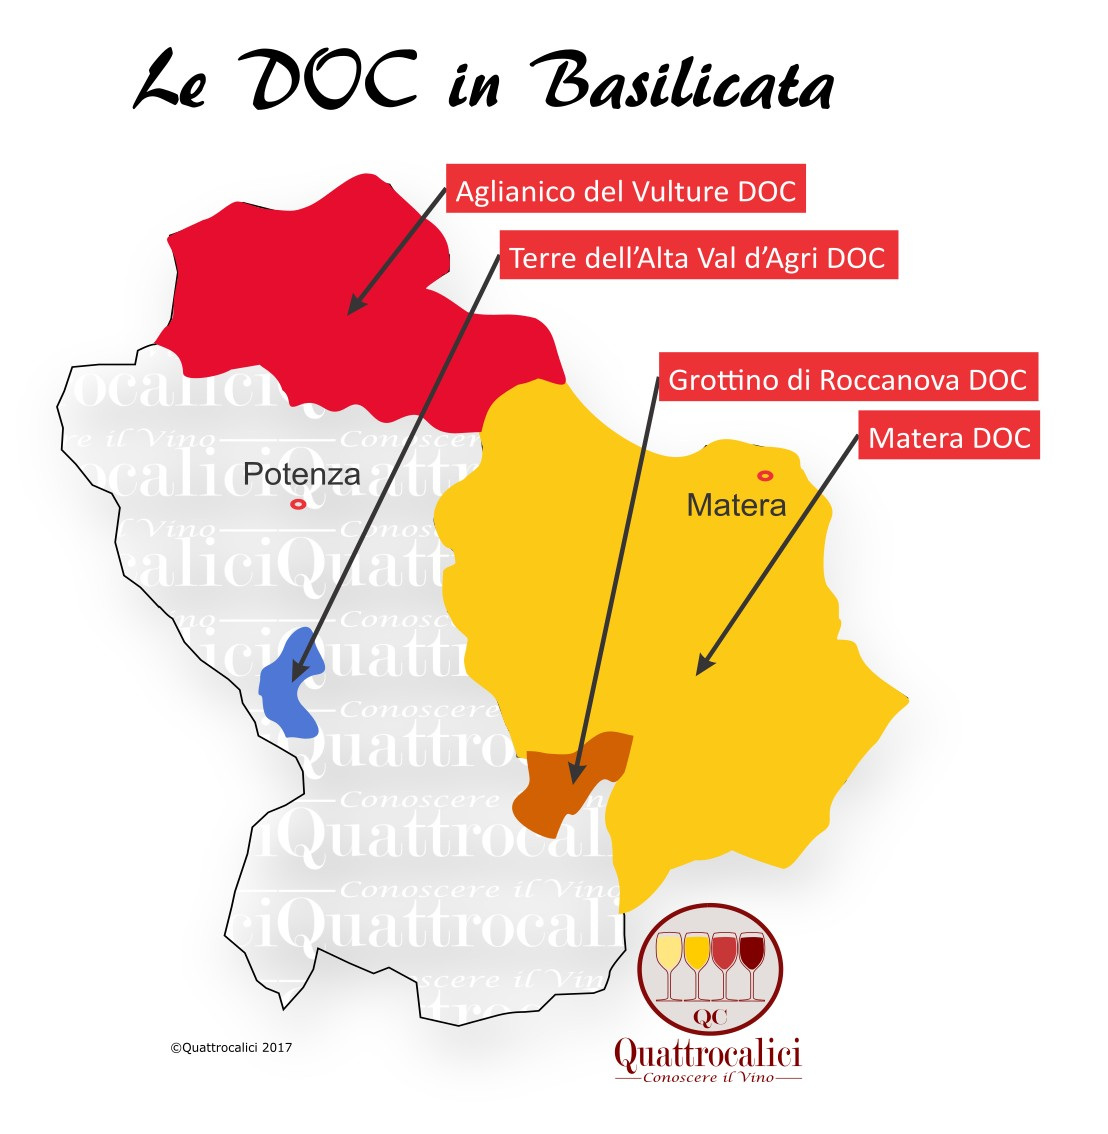 Le DOC in Basilicata